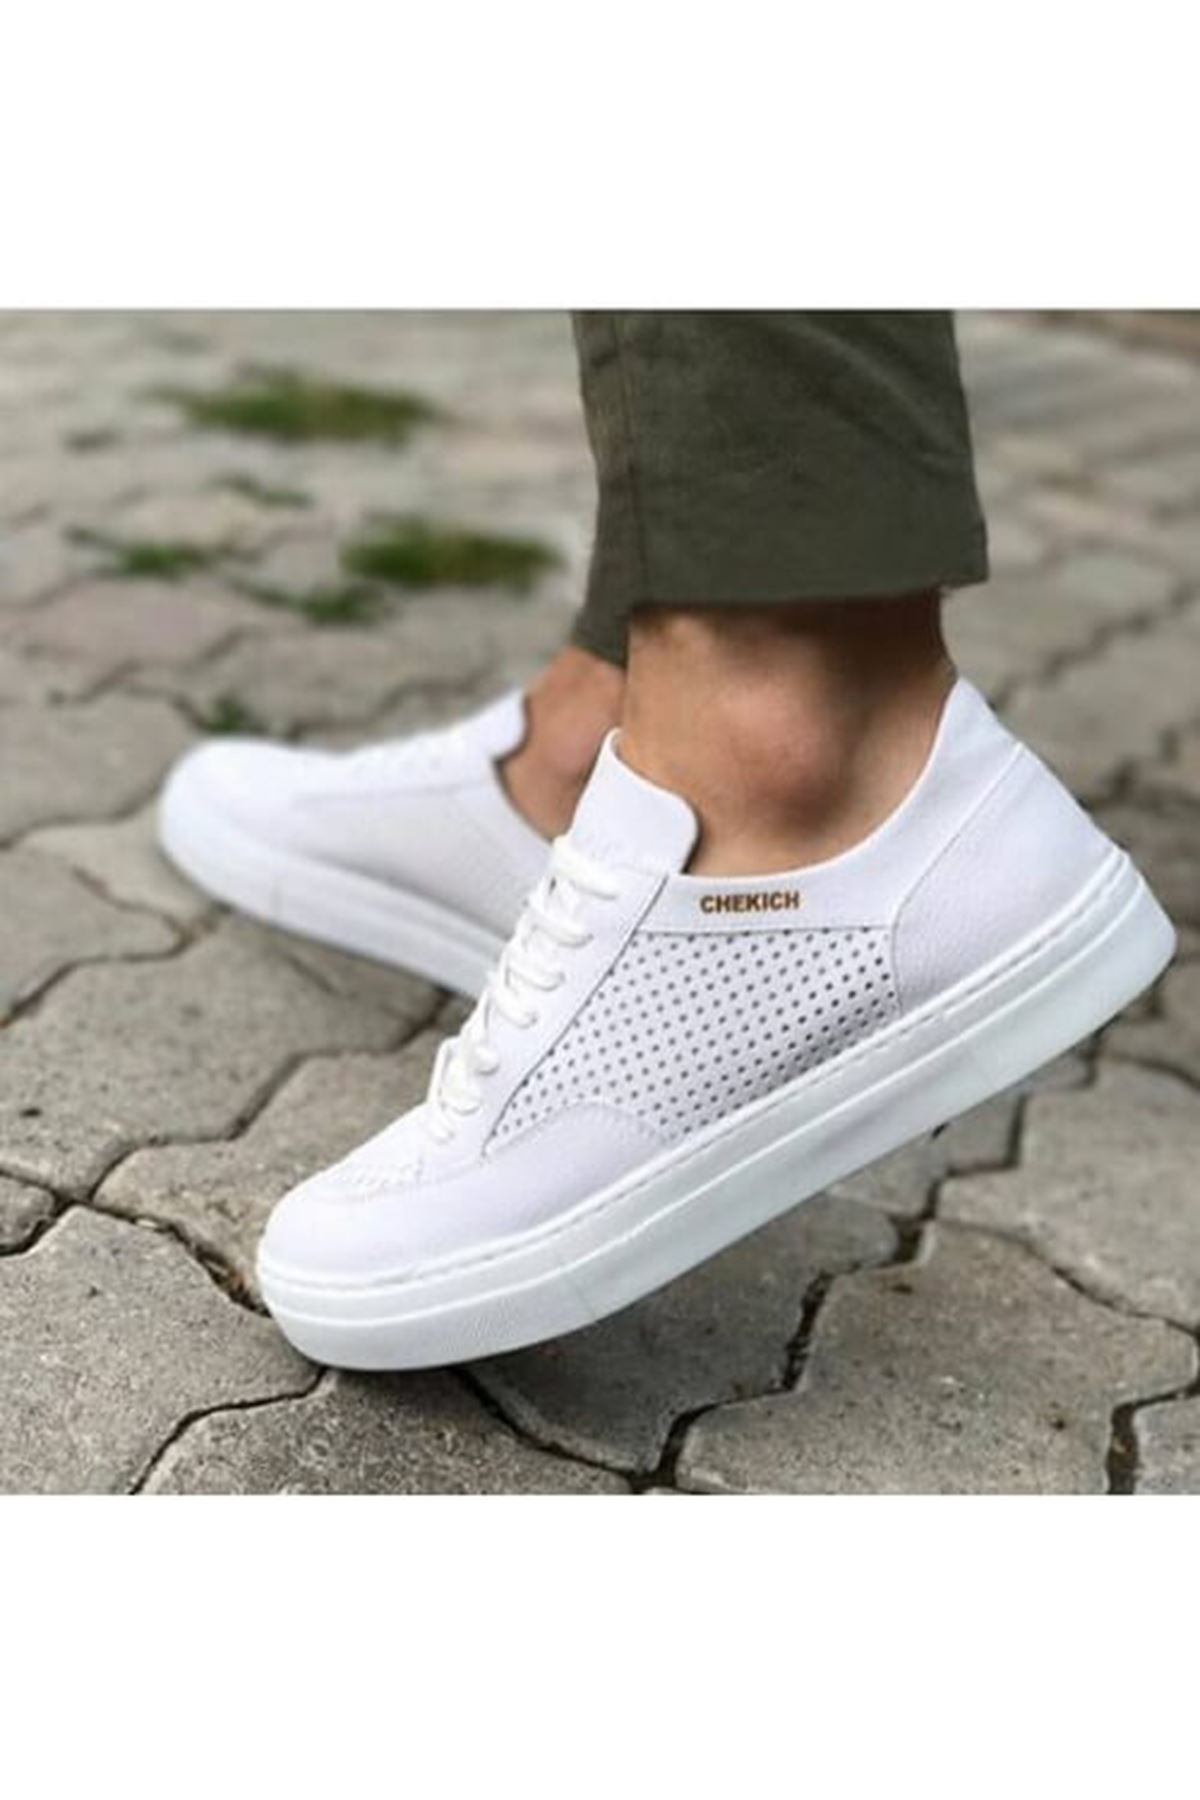 Chekich CH015 BT Erkek Ayakkabı BEYAZ